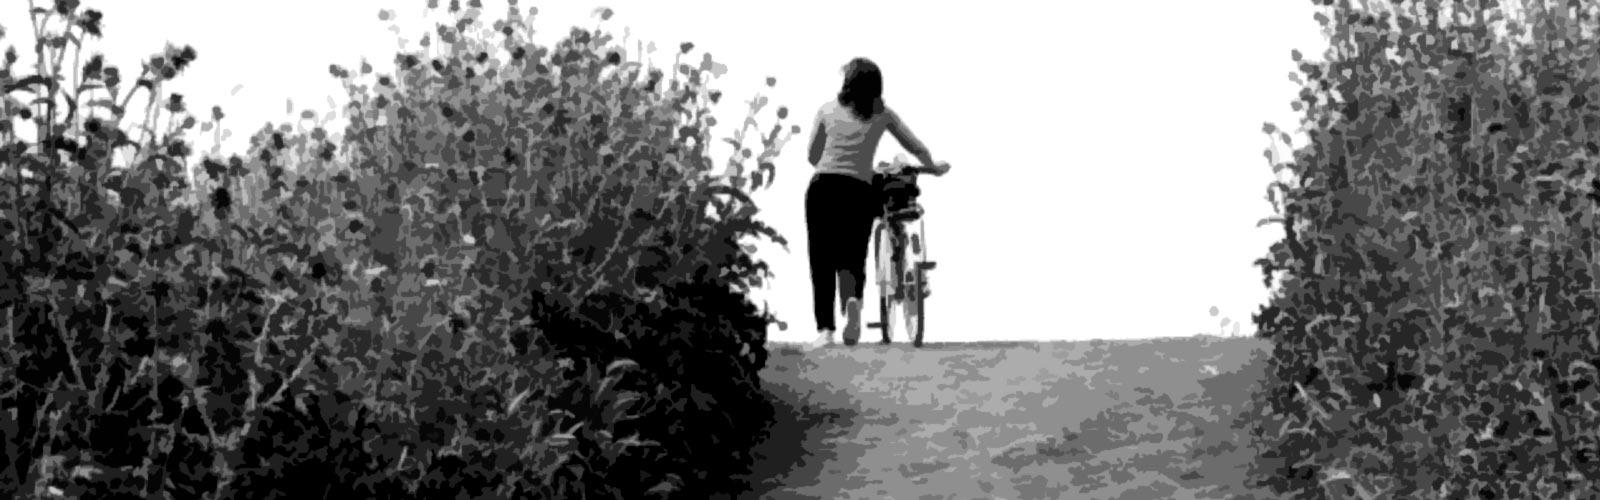 donne-in-cammino Associazione chirone San miniato